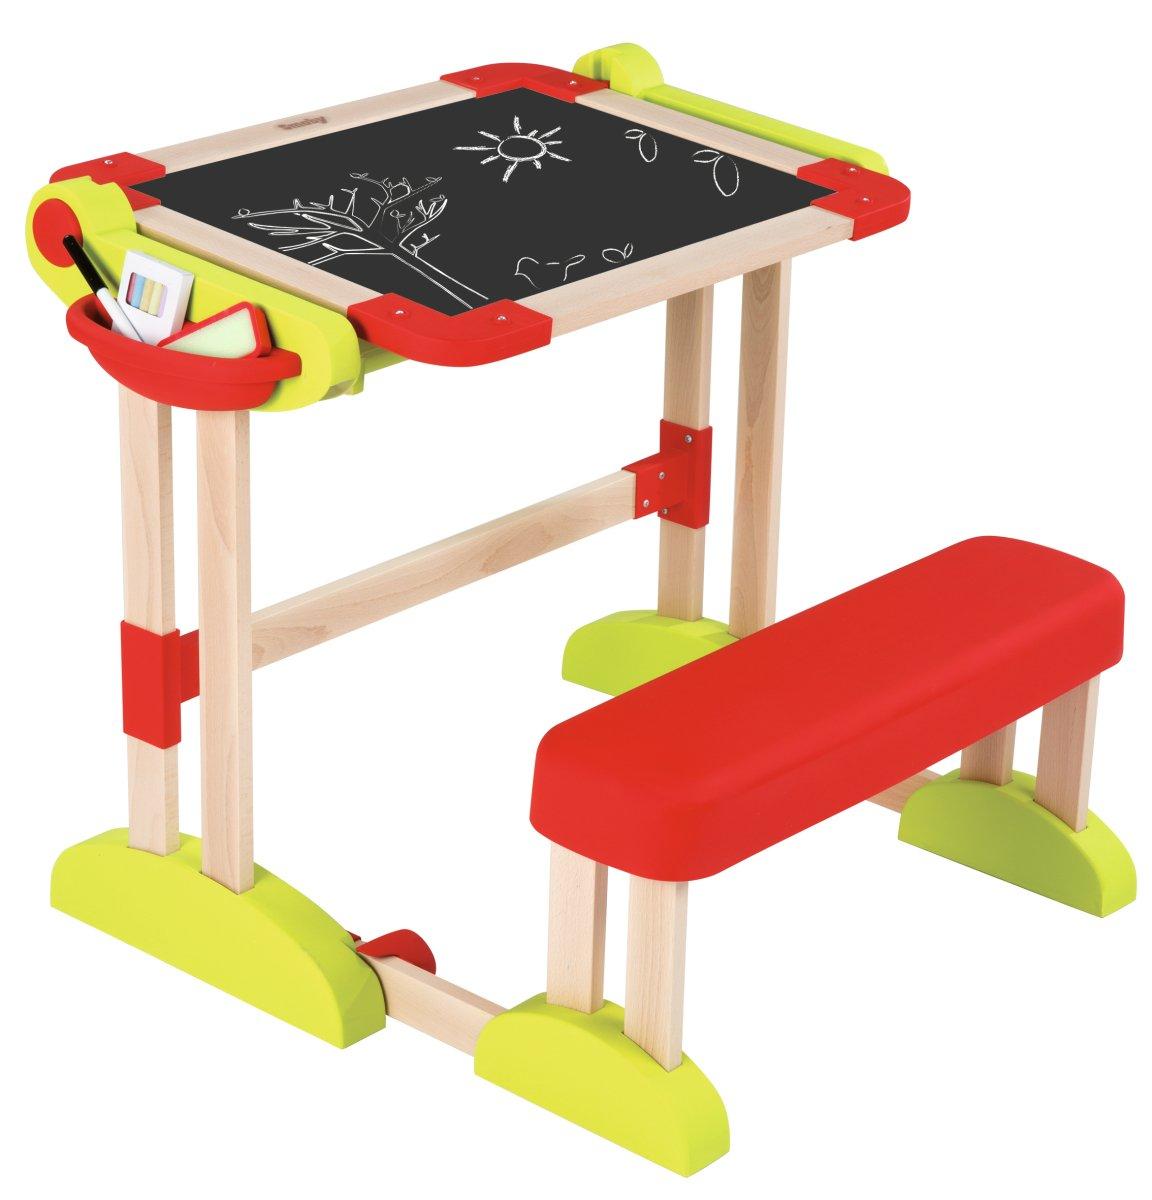 Smoby 7600028112 - Activity Banco Scuola Modulo Space in Legno con Accessori Simba Toys Italia S.p.A.